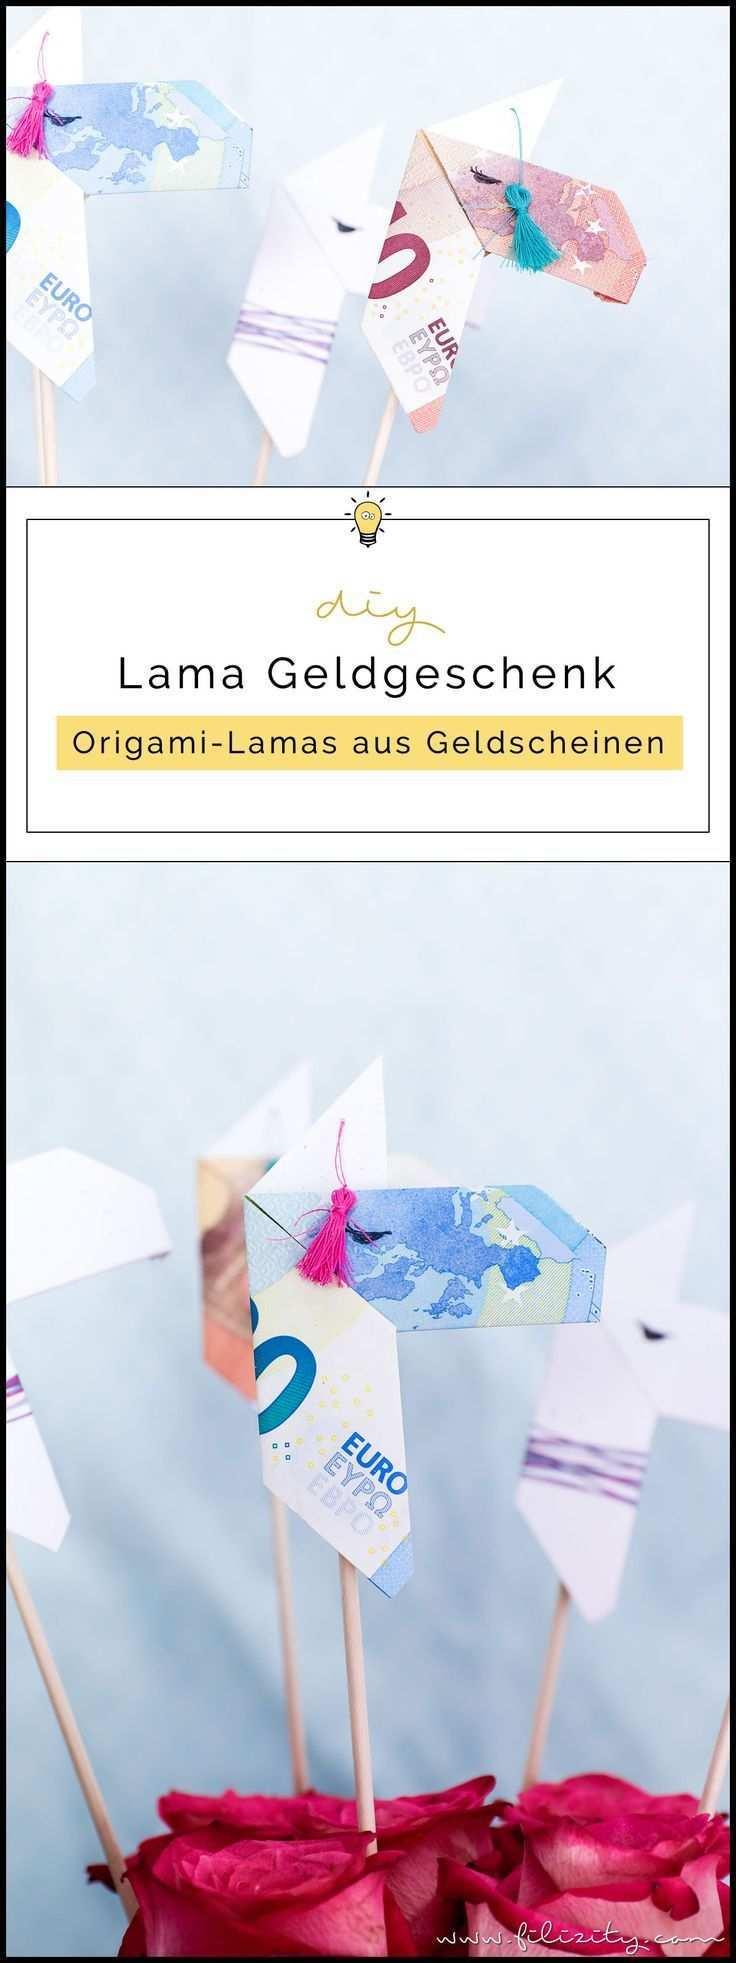 Kreative Geldgeschenke Origami Lamas Aus Geldscheinen Falten Filizity Com Diy Blog Aus Dem Rheinland Geschenke Kreative Geldgeschenke Geldgeschenke